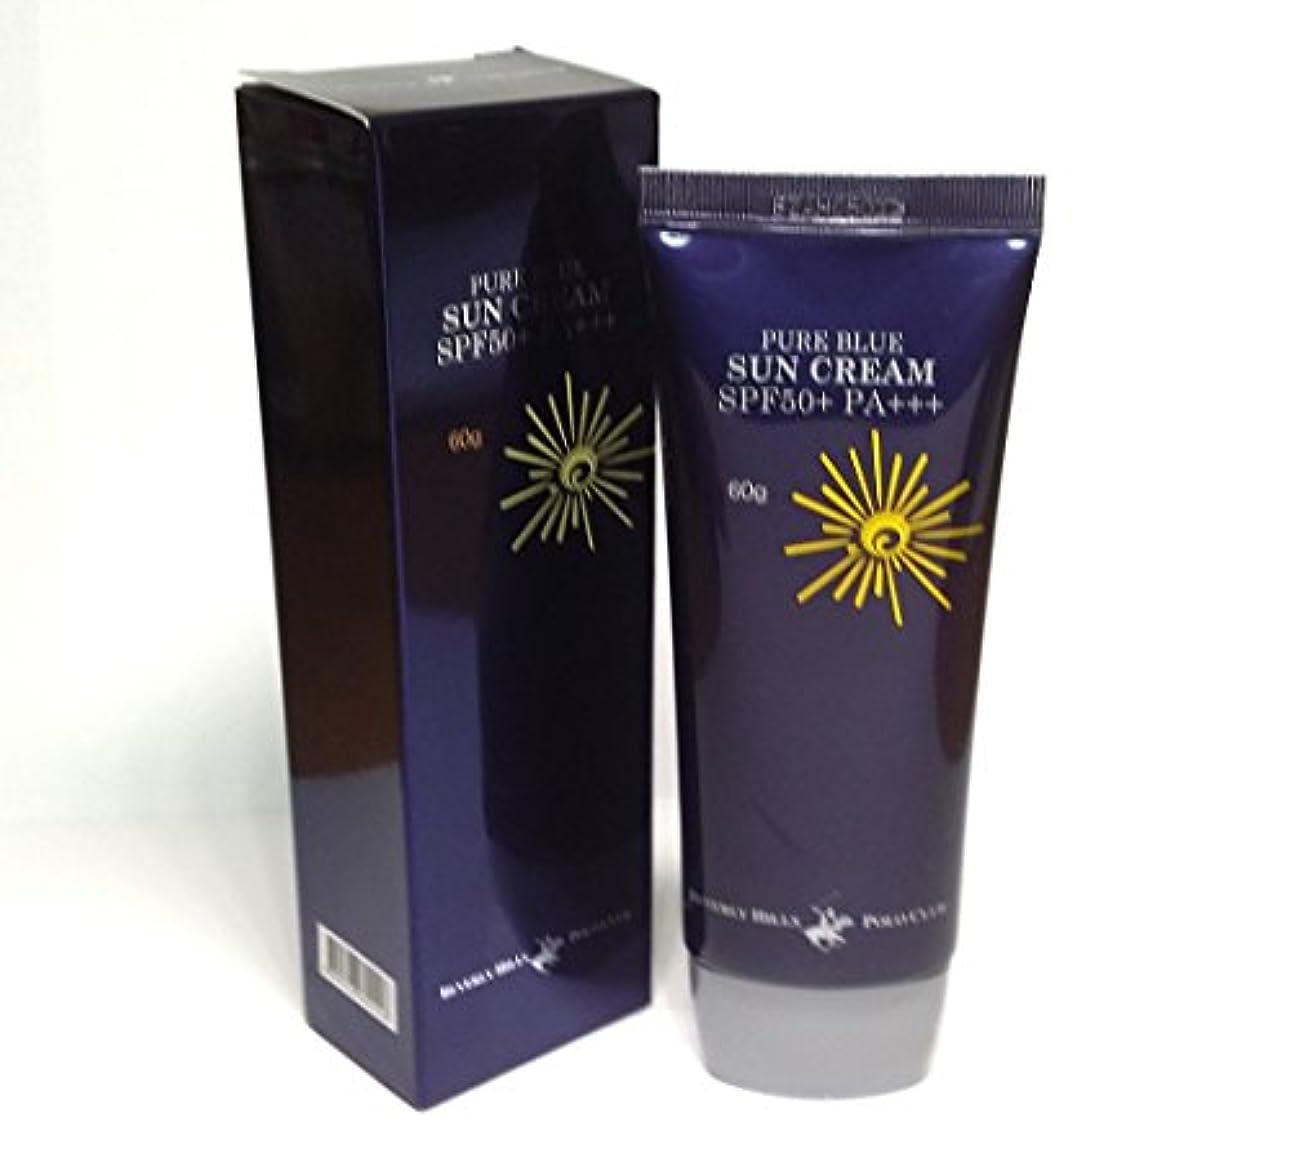 抽象スリーブ利得[BEVERLY HILLS POLO CLUB] ピュアブルーサンクリームSPF50 + PA +++ 60g X 1ea / 韓国化粧品 / Pure Blue Sun Cream SPF50+ PA+++ 60g...